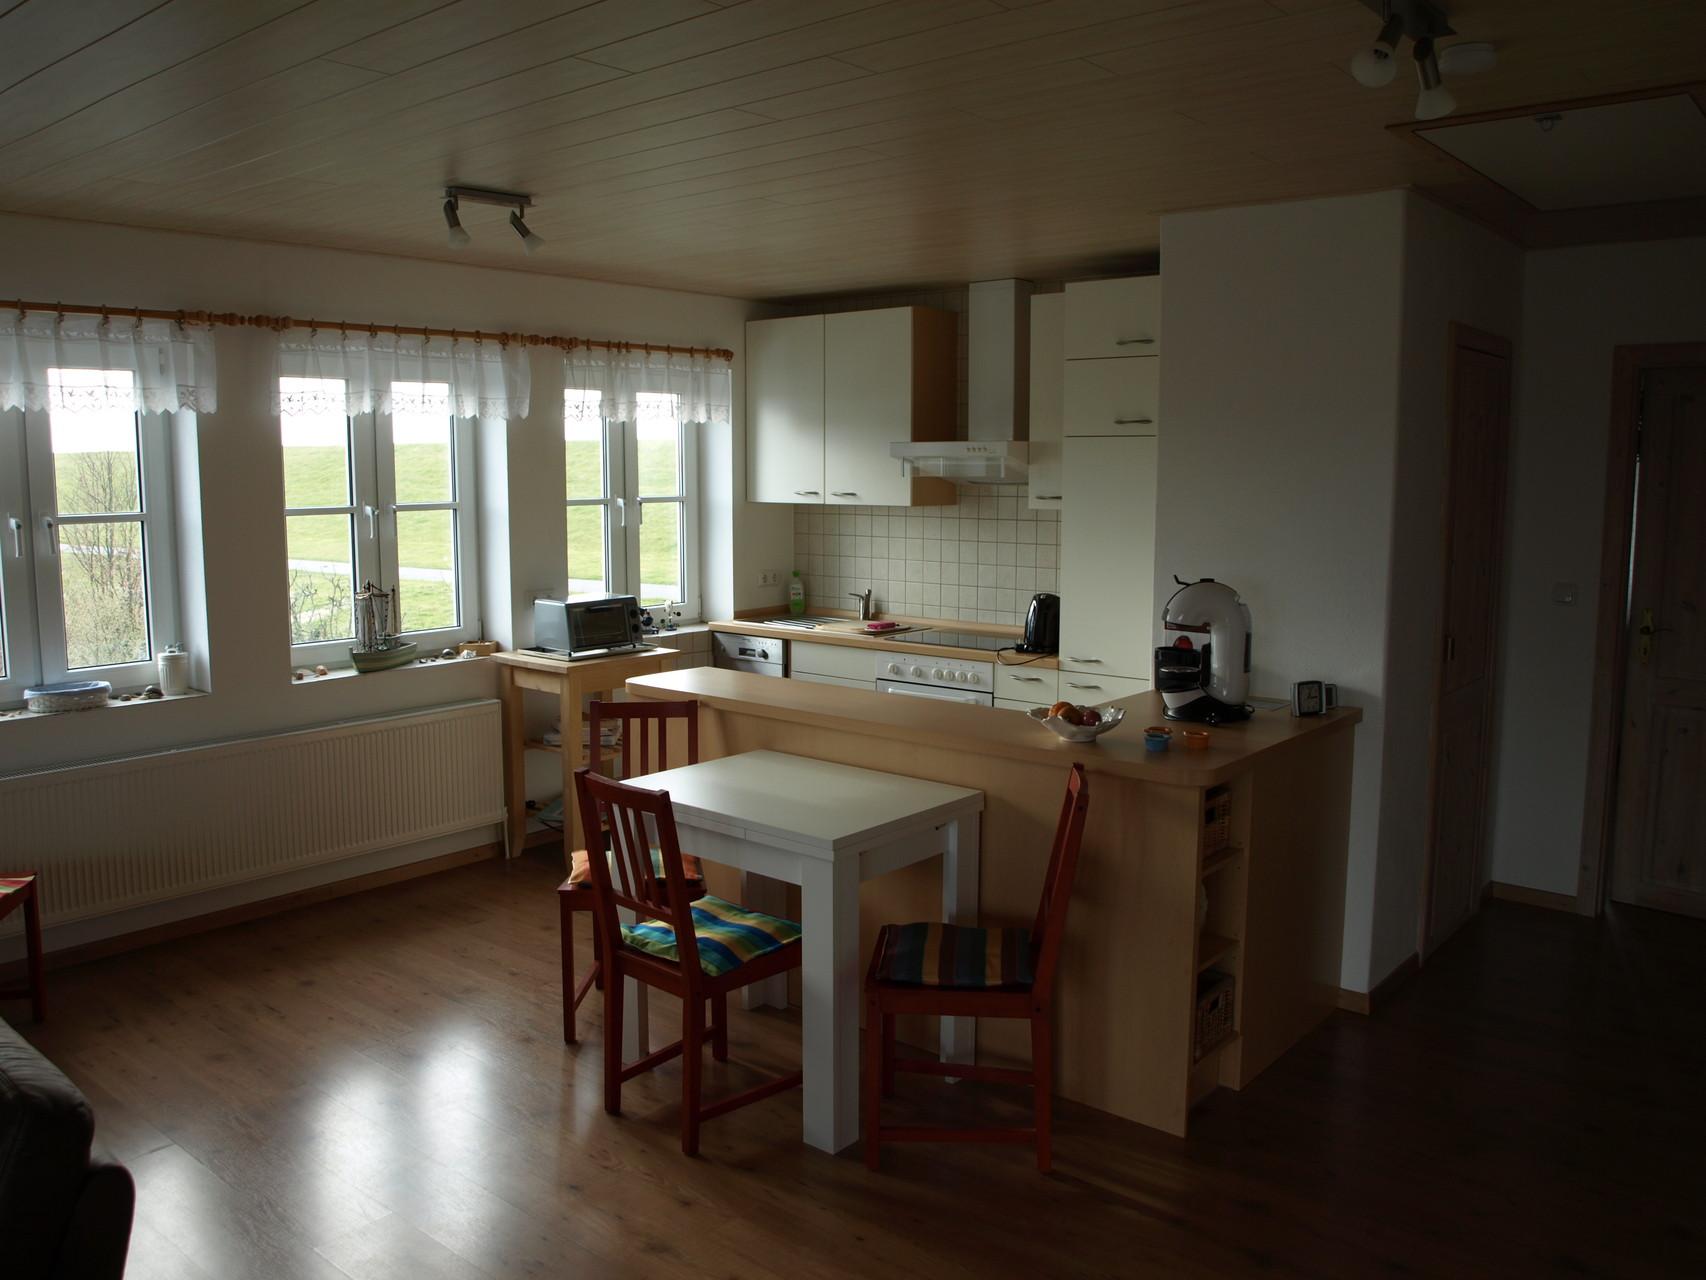 Küchenbereich mit Sitzgruppe, Tisch ausziehbar